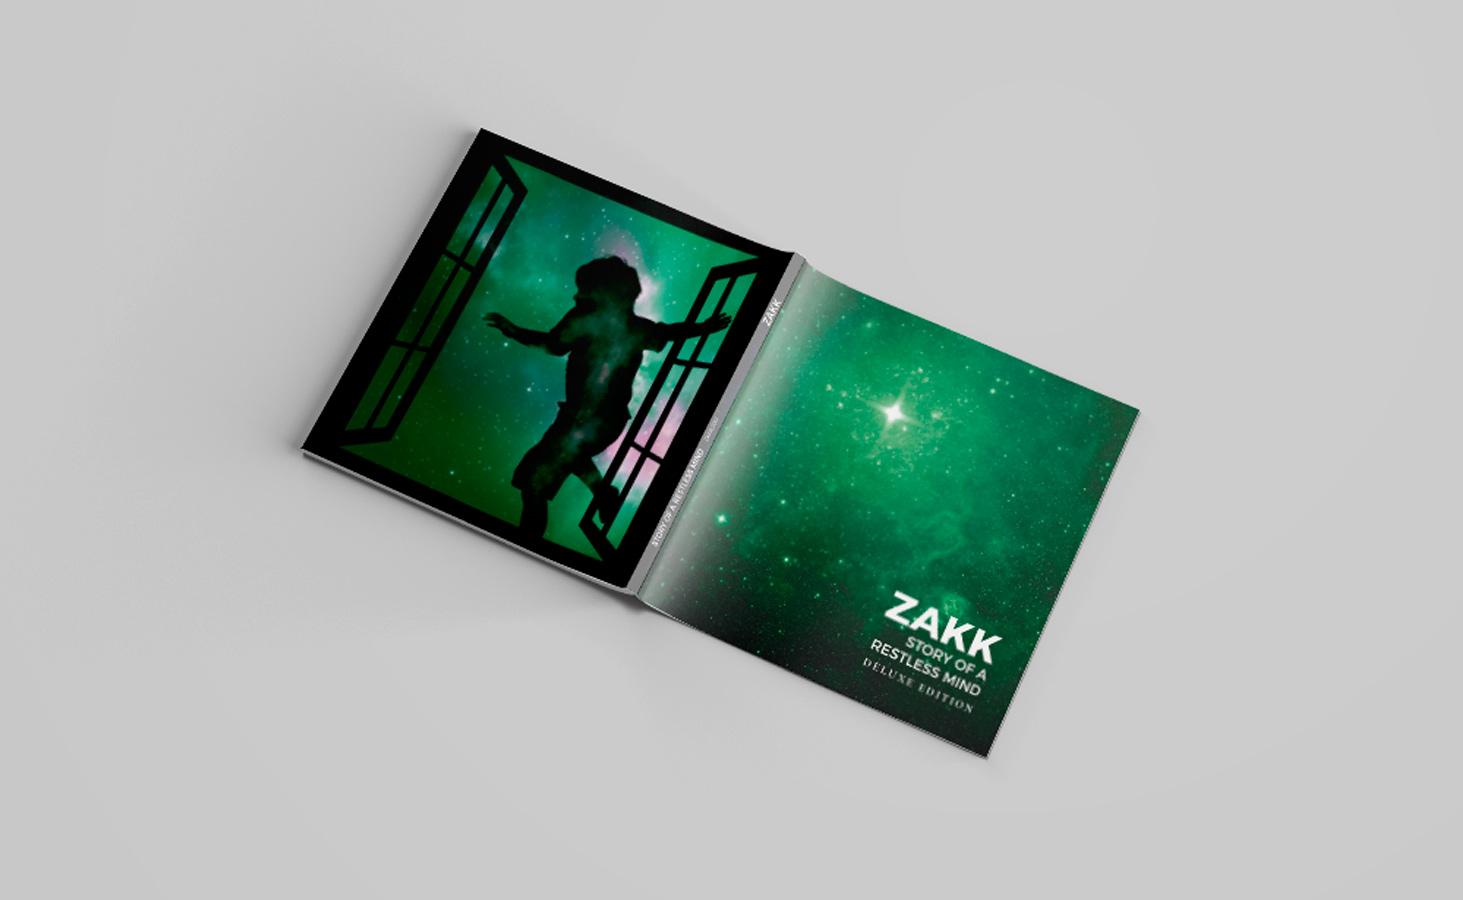 Zakk_CD_014